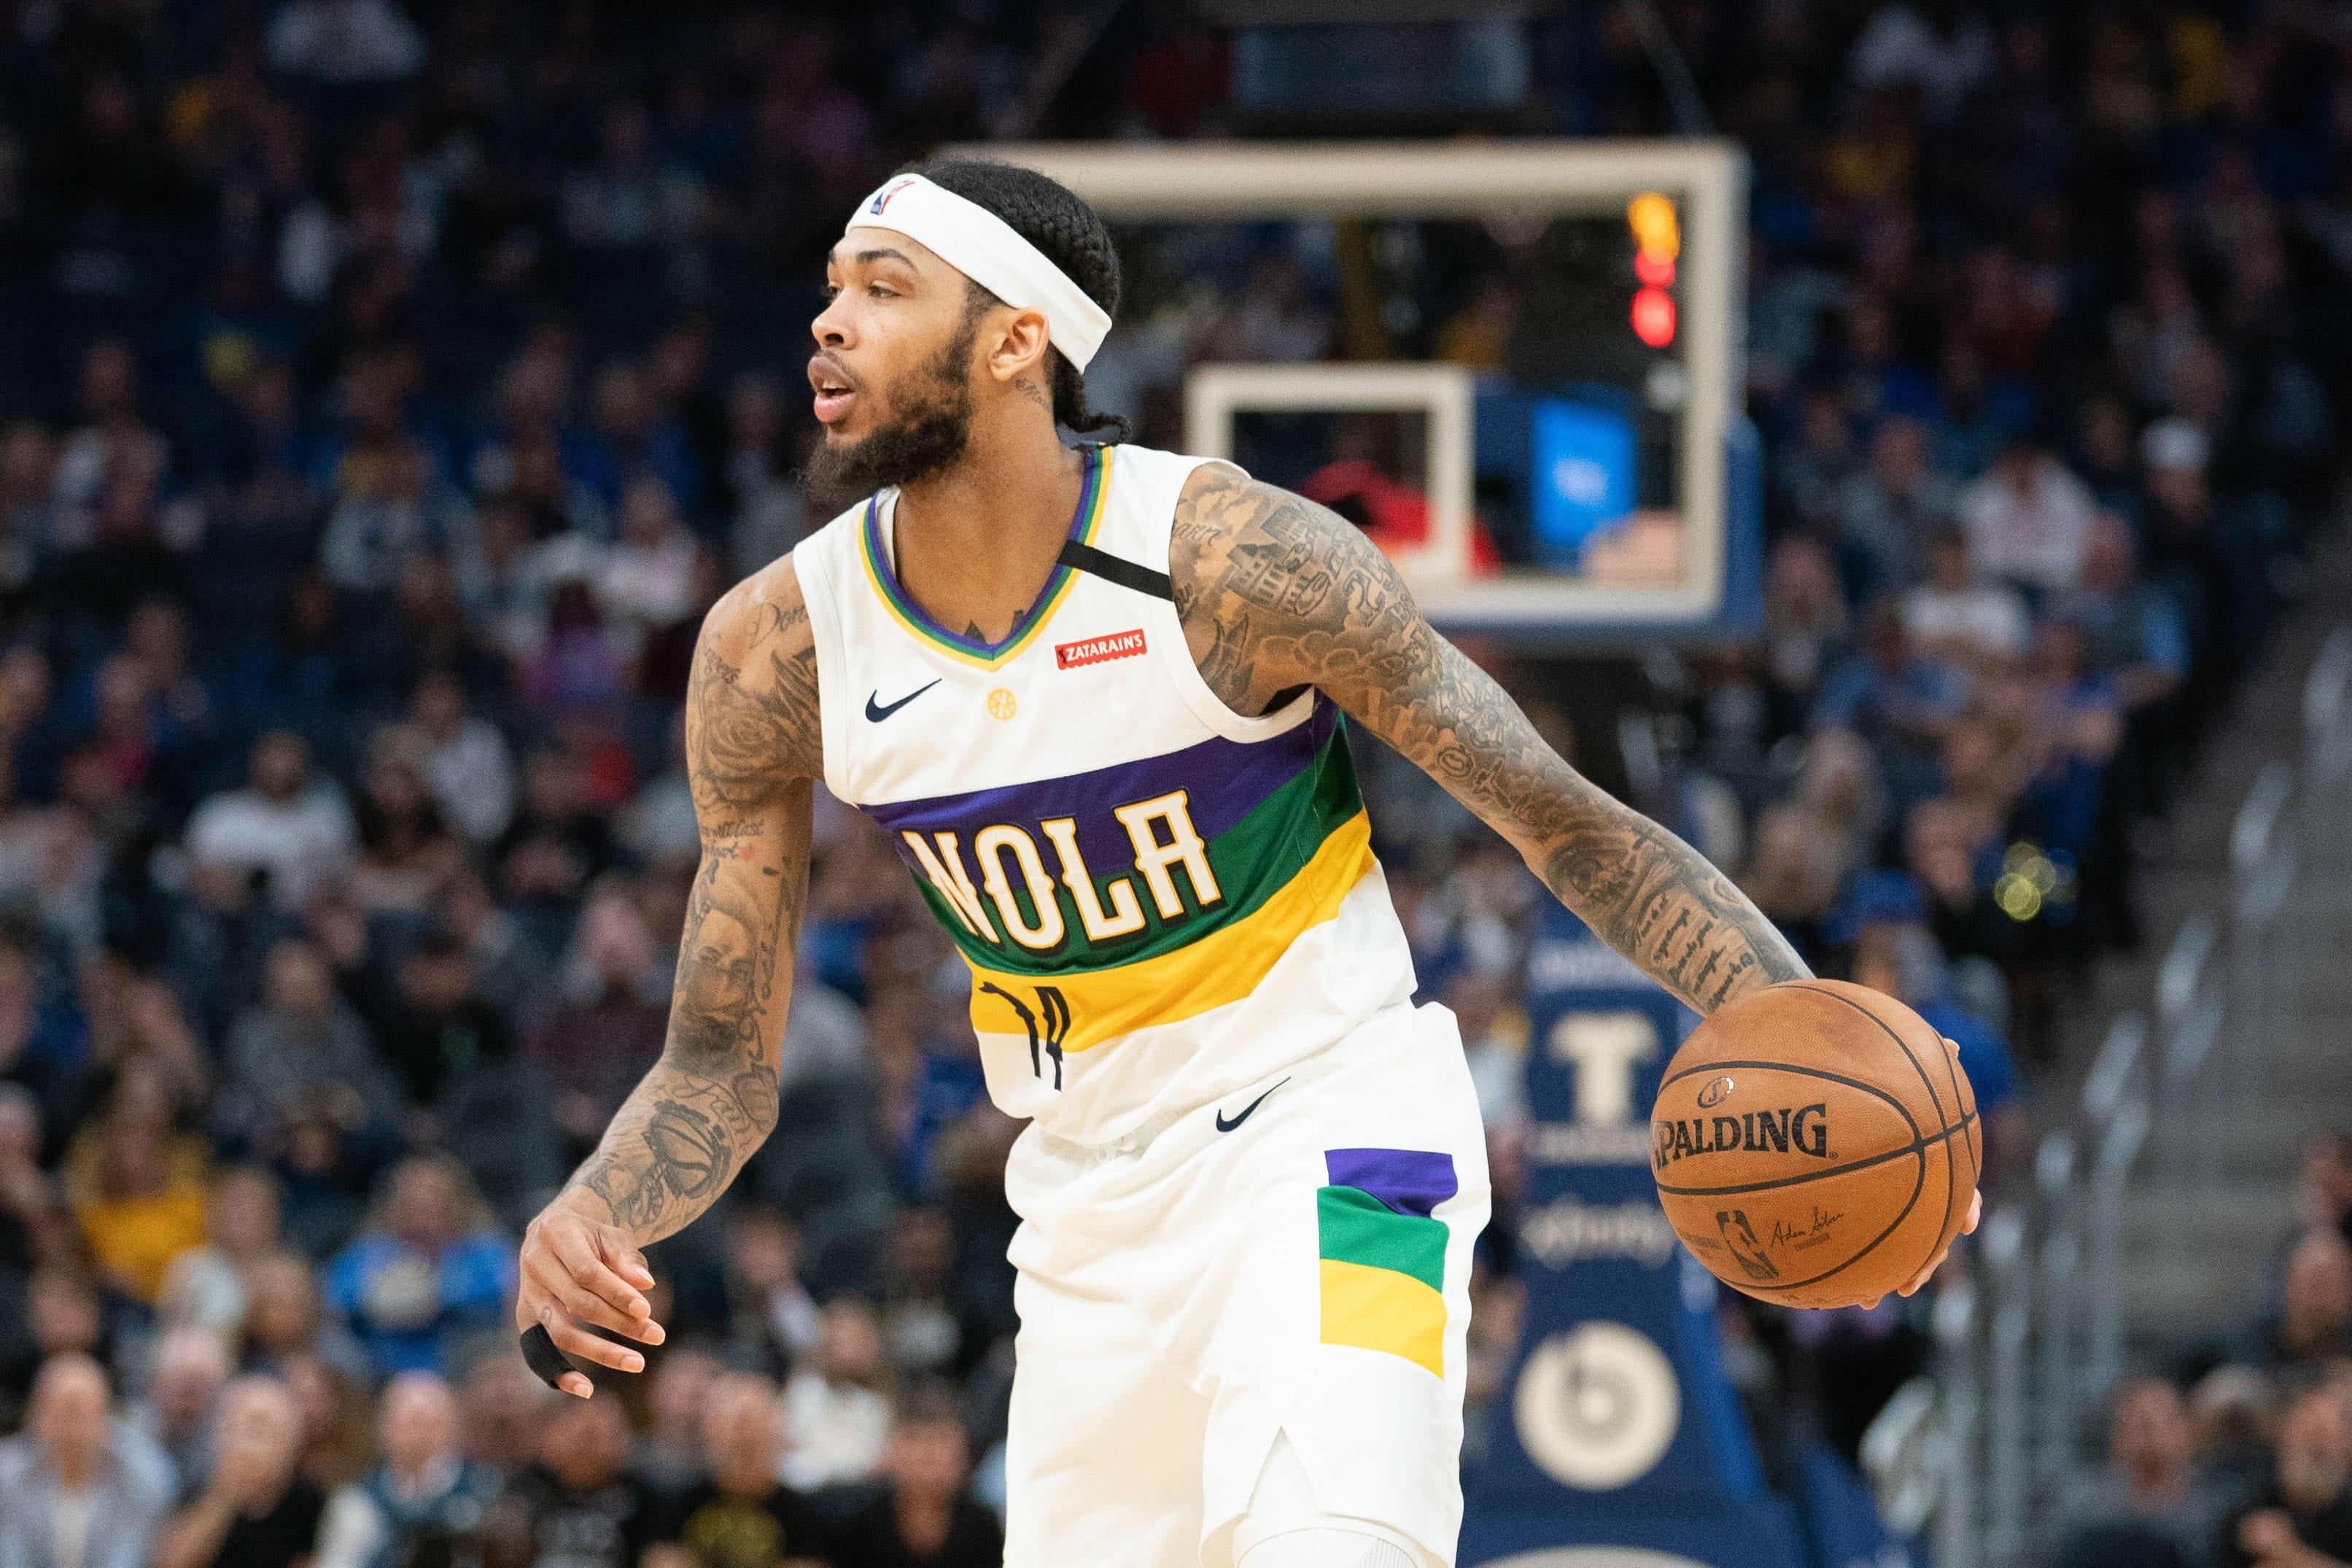 Pelicans' Brandon Ingram on resuming play: 'I feel like I'm immune'